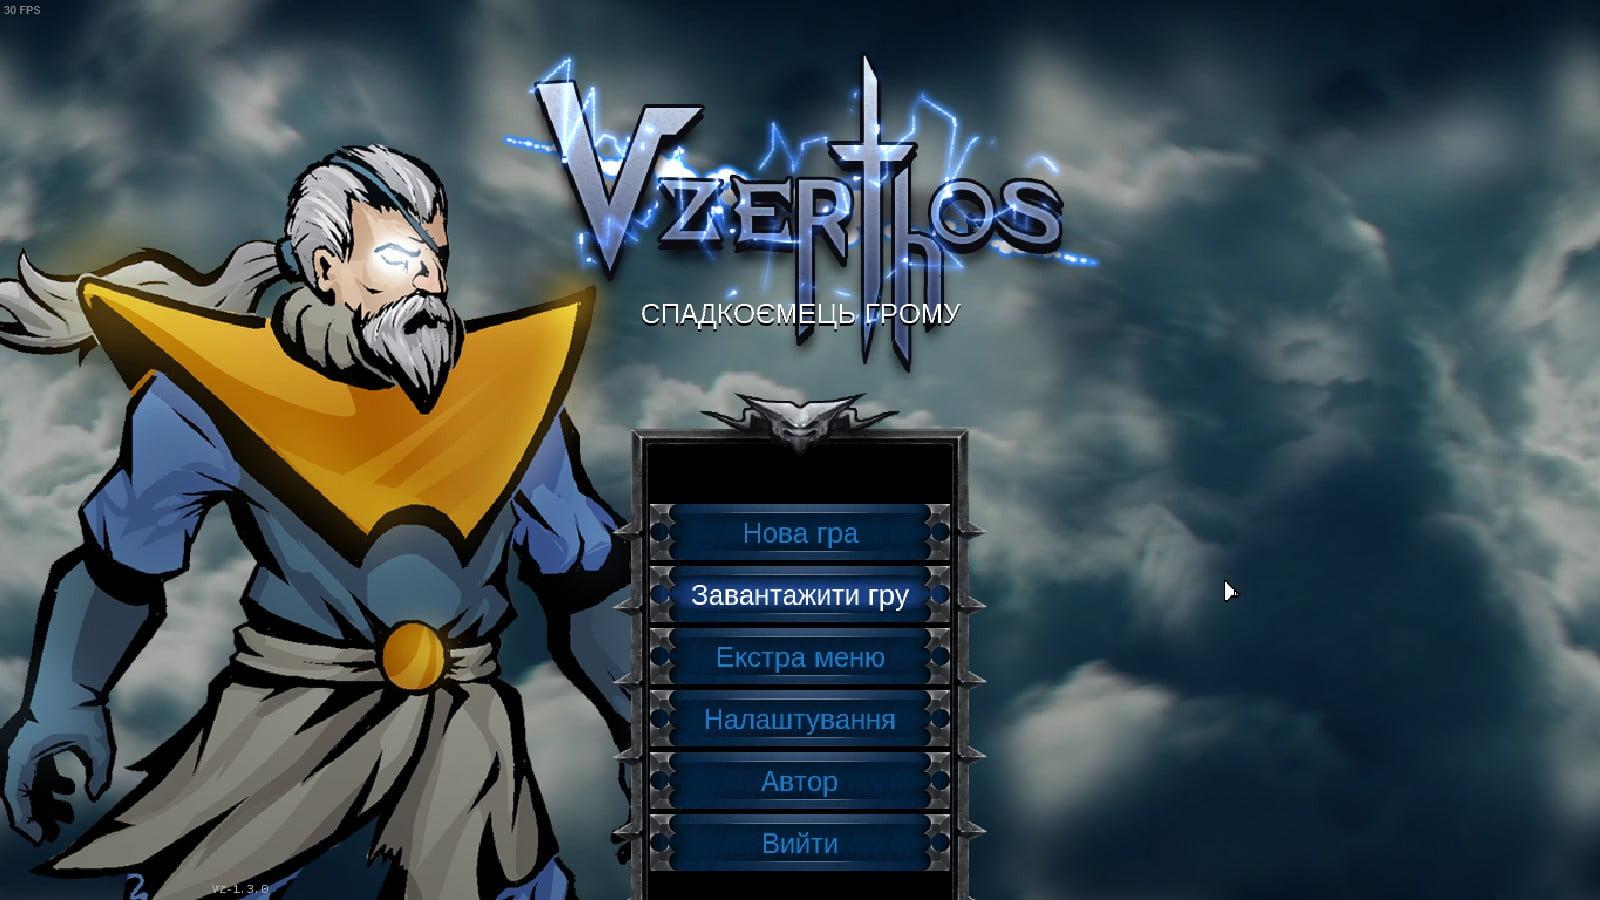 Vzerthos: Heir of Thunder